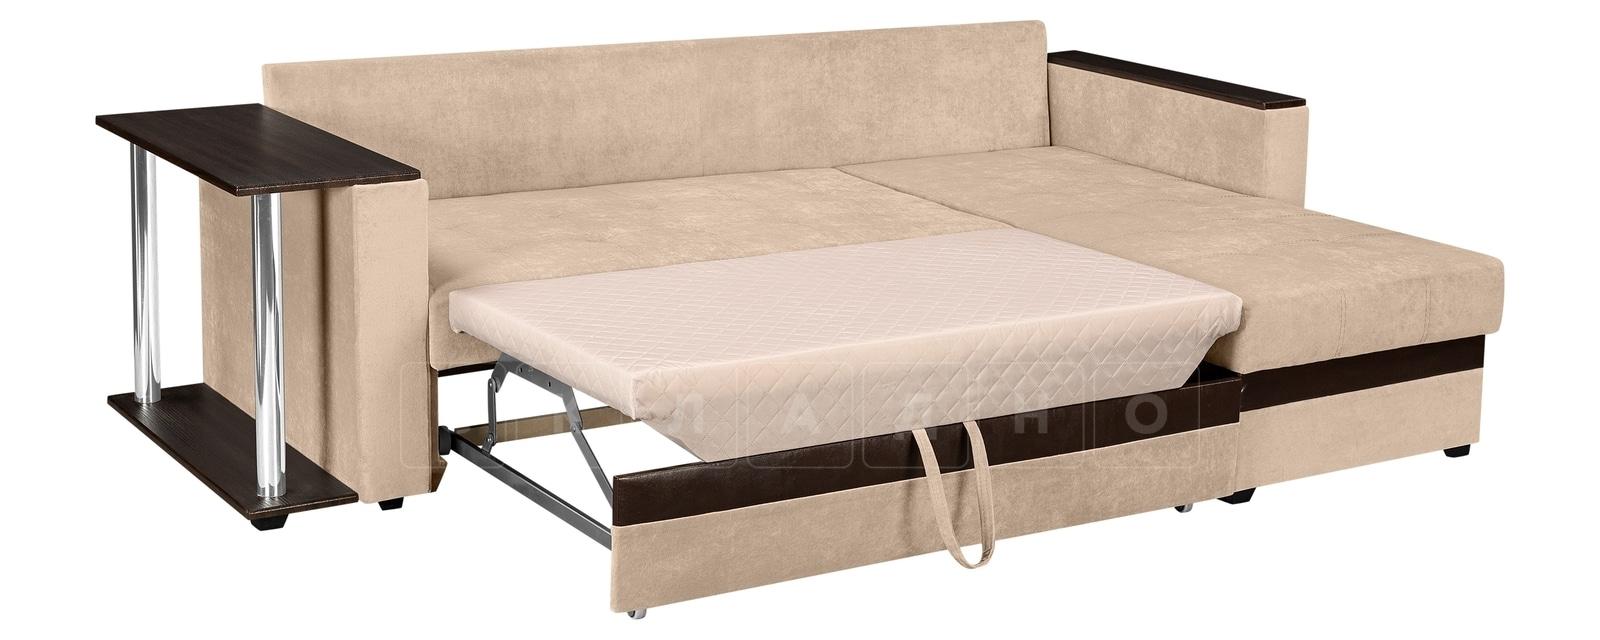 Угловой диван Атланта вельвет бежевый фото 4 | интернет-магазин Складно